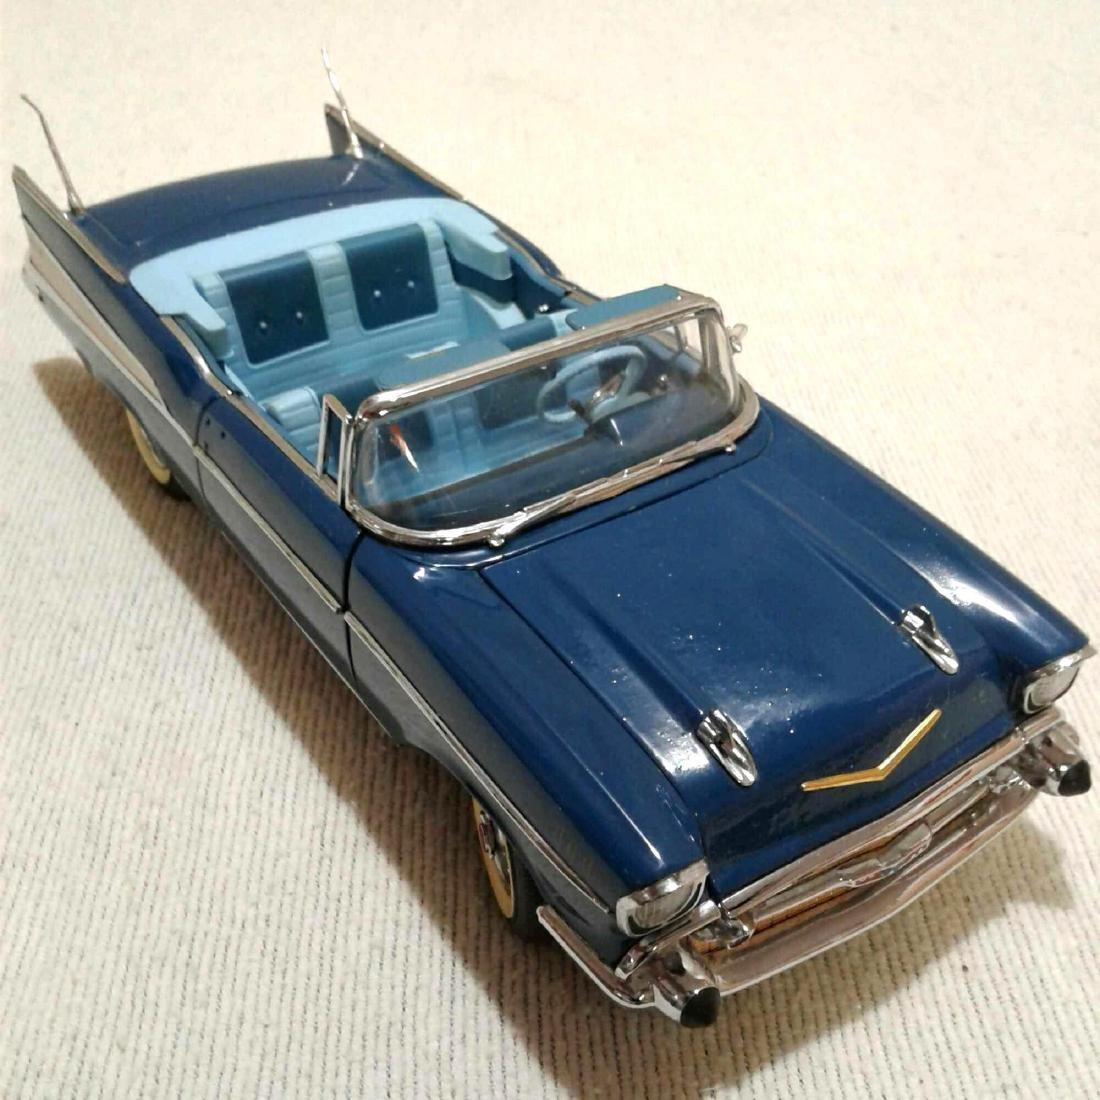 1957 Blue Chevrolet Bel Air by The Danbury Mint Die